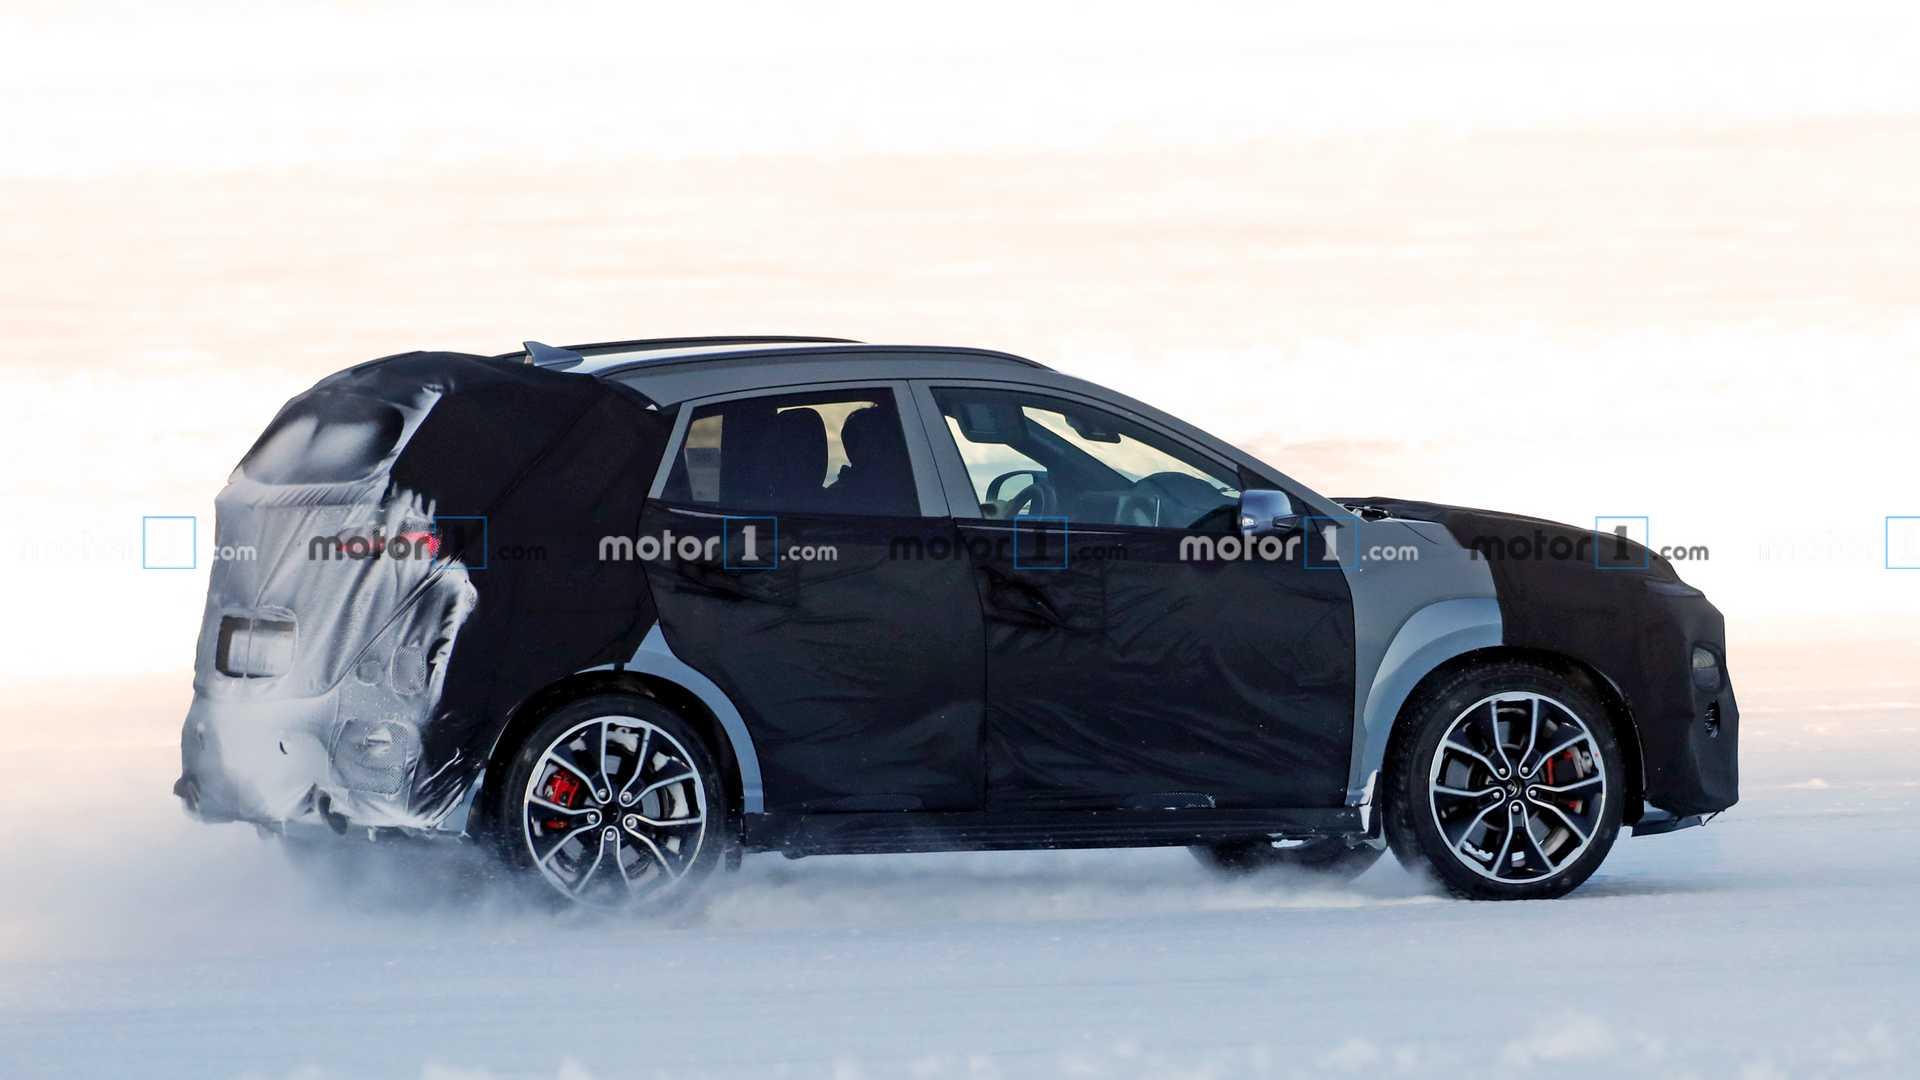 Hyundai Kona N - szpiegowskie zdjęcie (MOTOR1.COM)